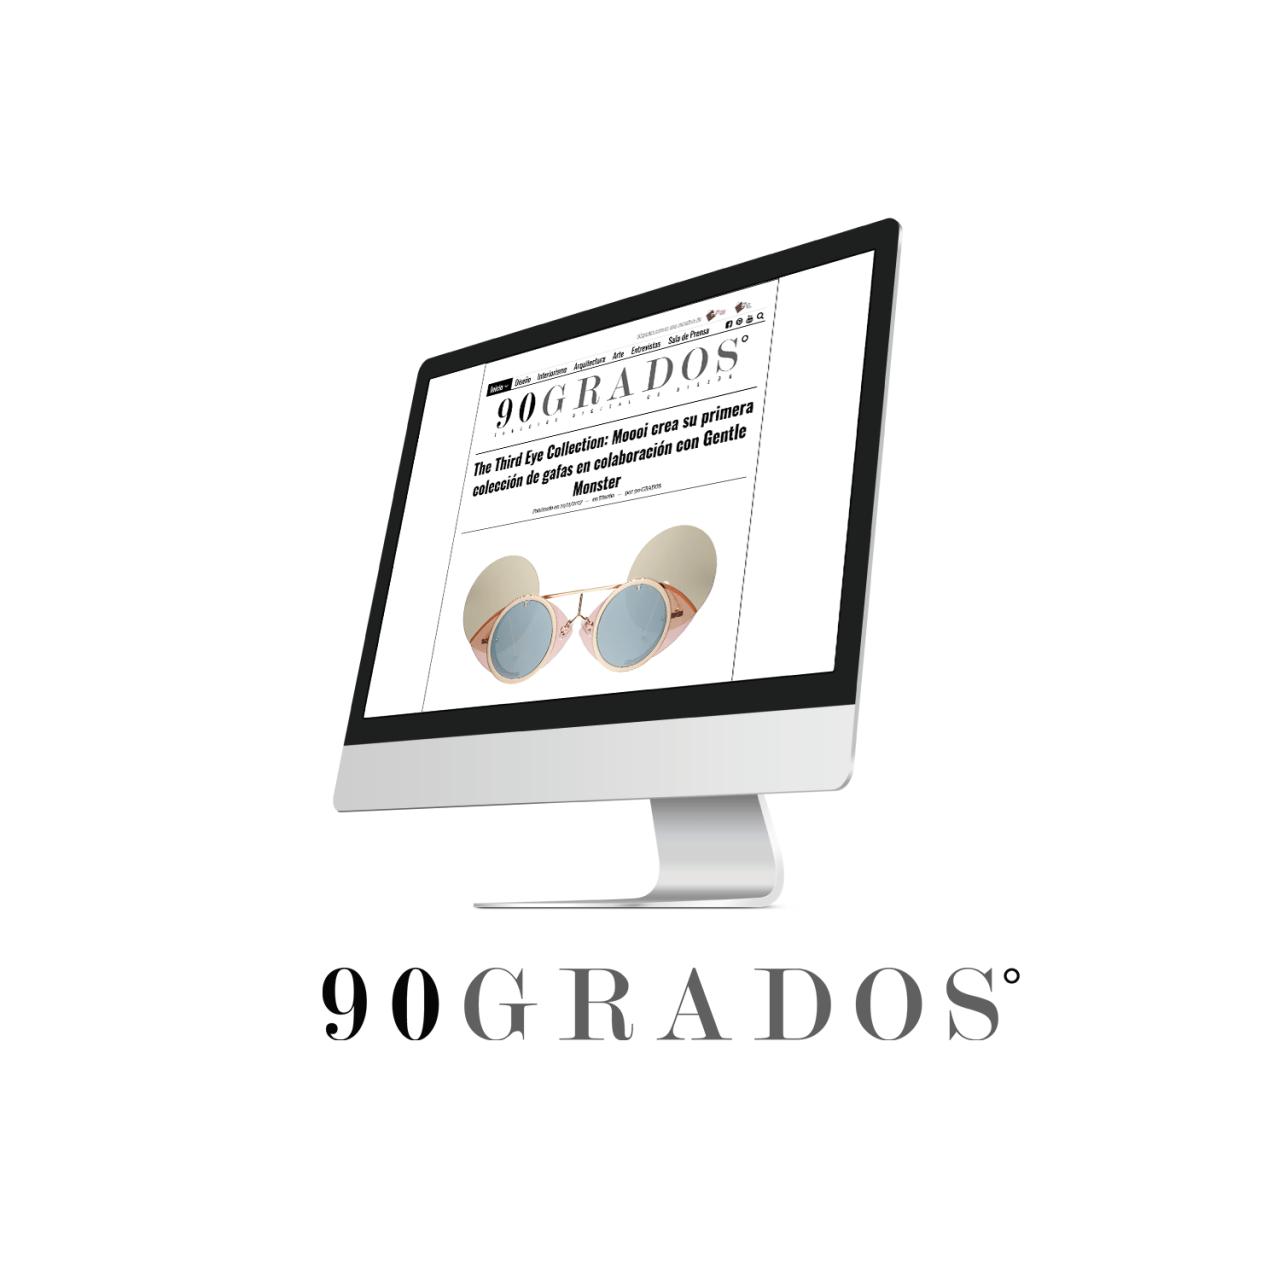 90grados_img